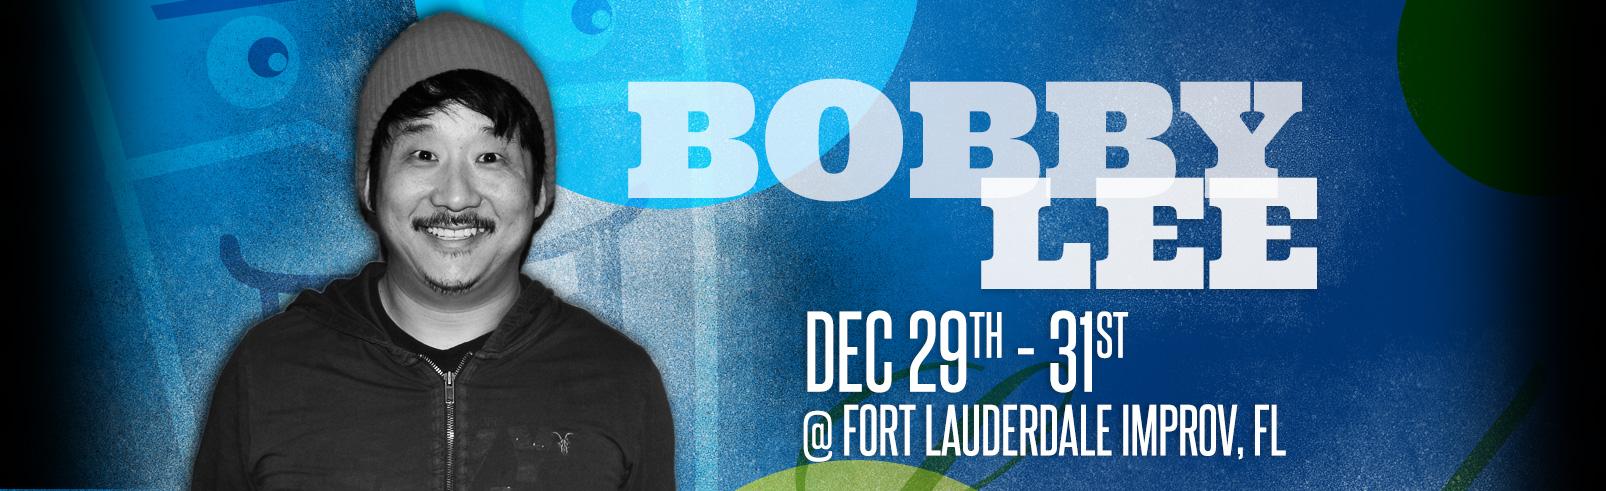 Bobby Lee @ Fort Lauderdale Improv